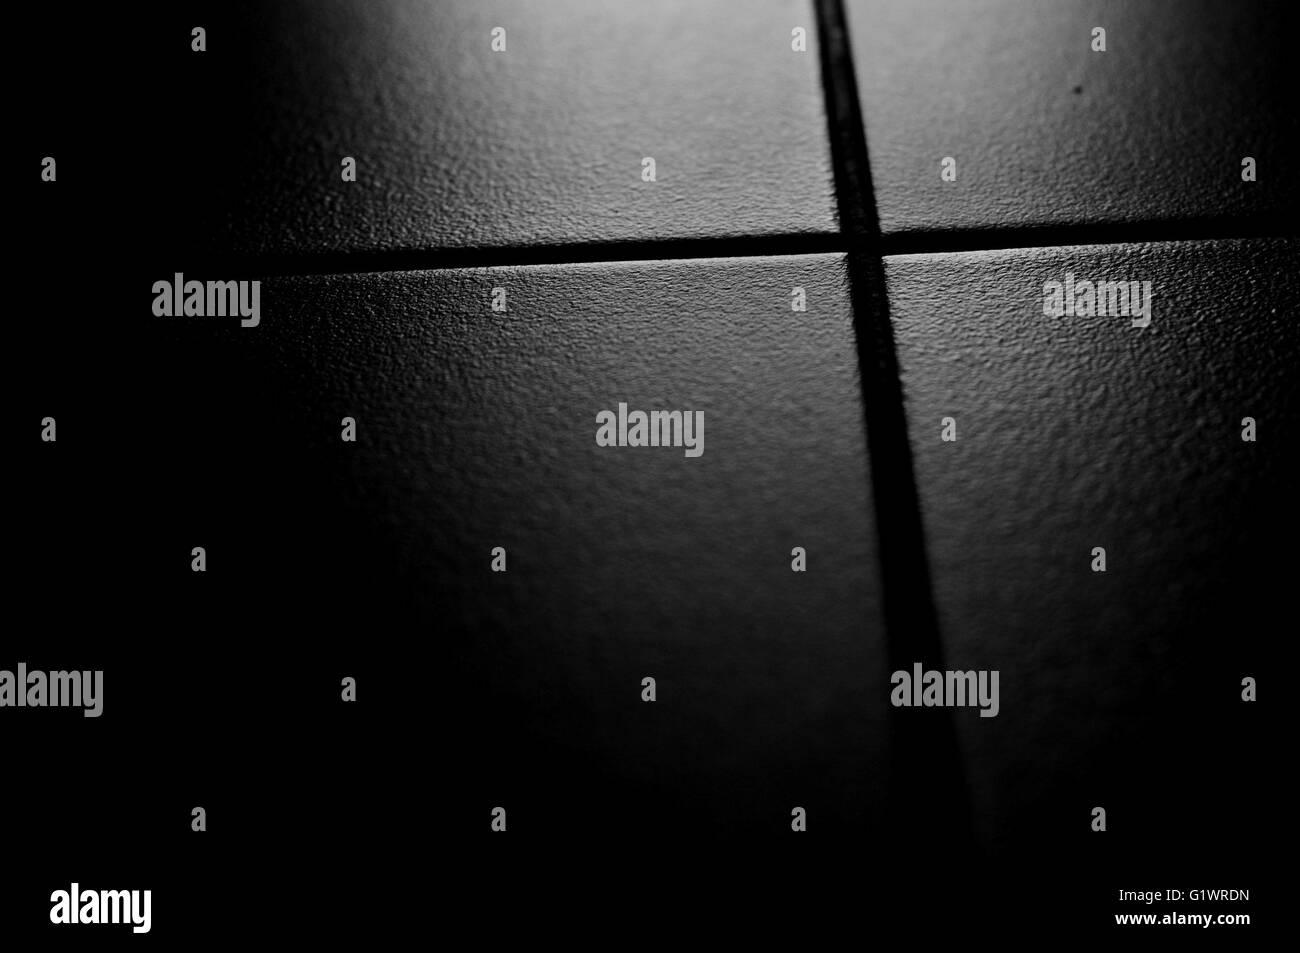 Fußboden Schwarz Weiß ~ Fliesen auf dem fußboden mit hintergrundbeleuchtung. schwarz weiß